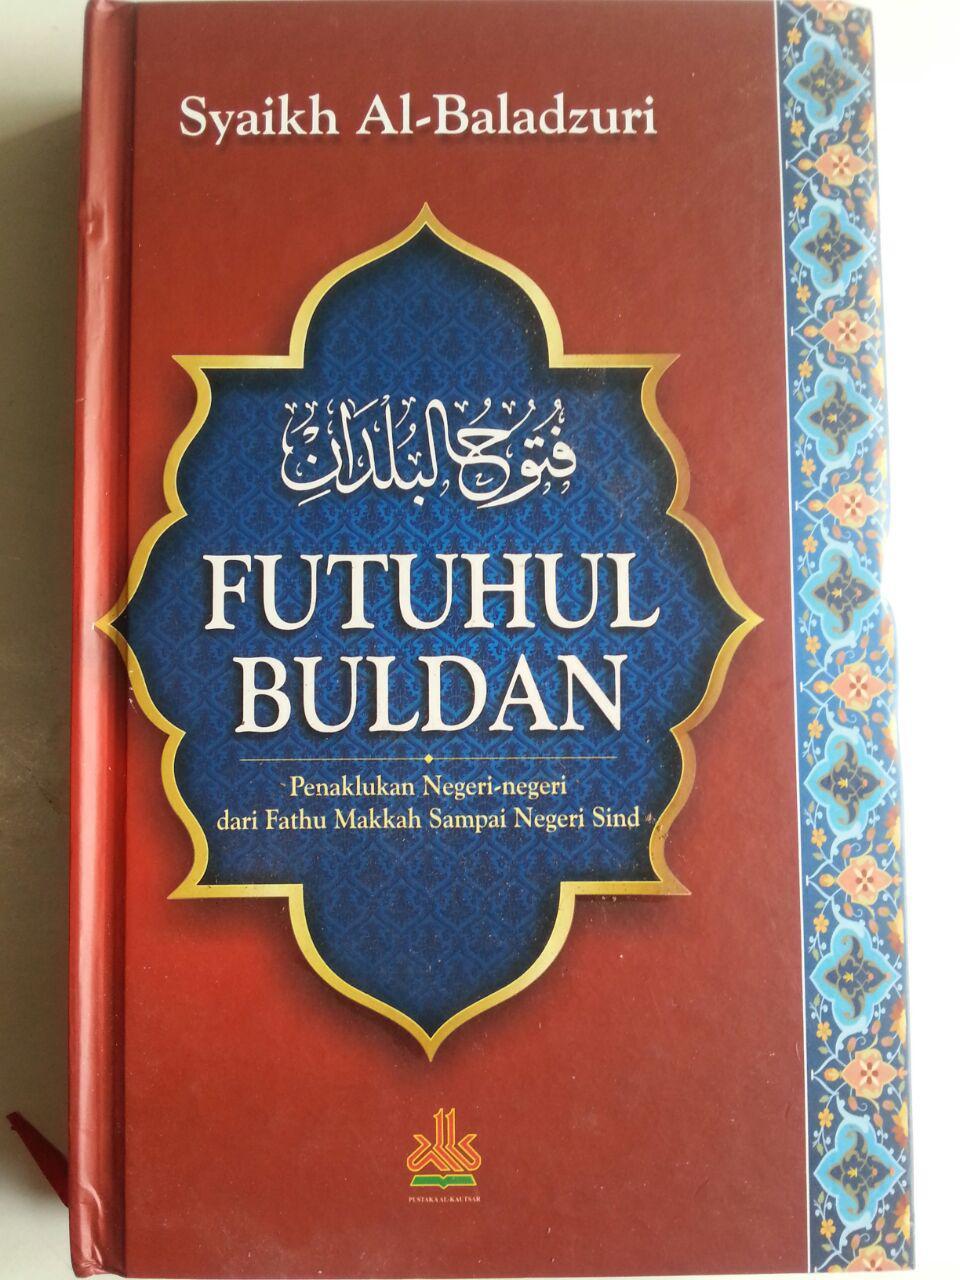 Buku Futuhul Buldan Penaklukkan Negeri Dari Makkah Sampai Sind cover 2